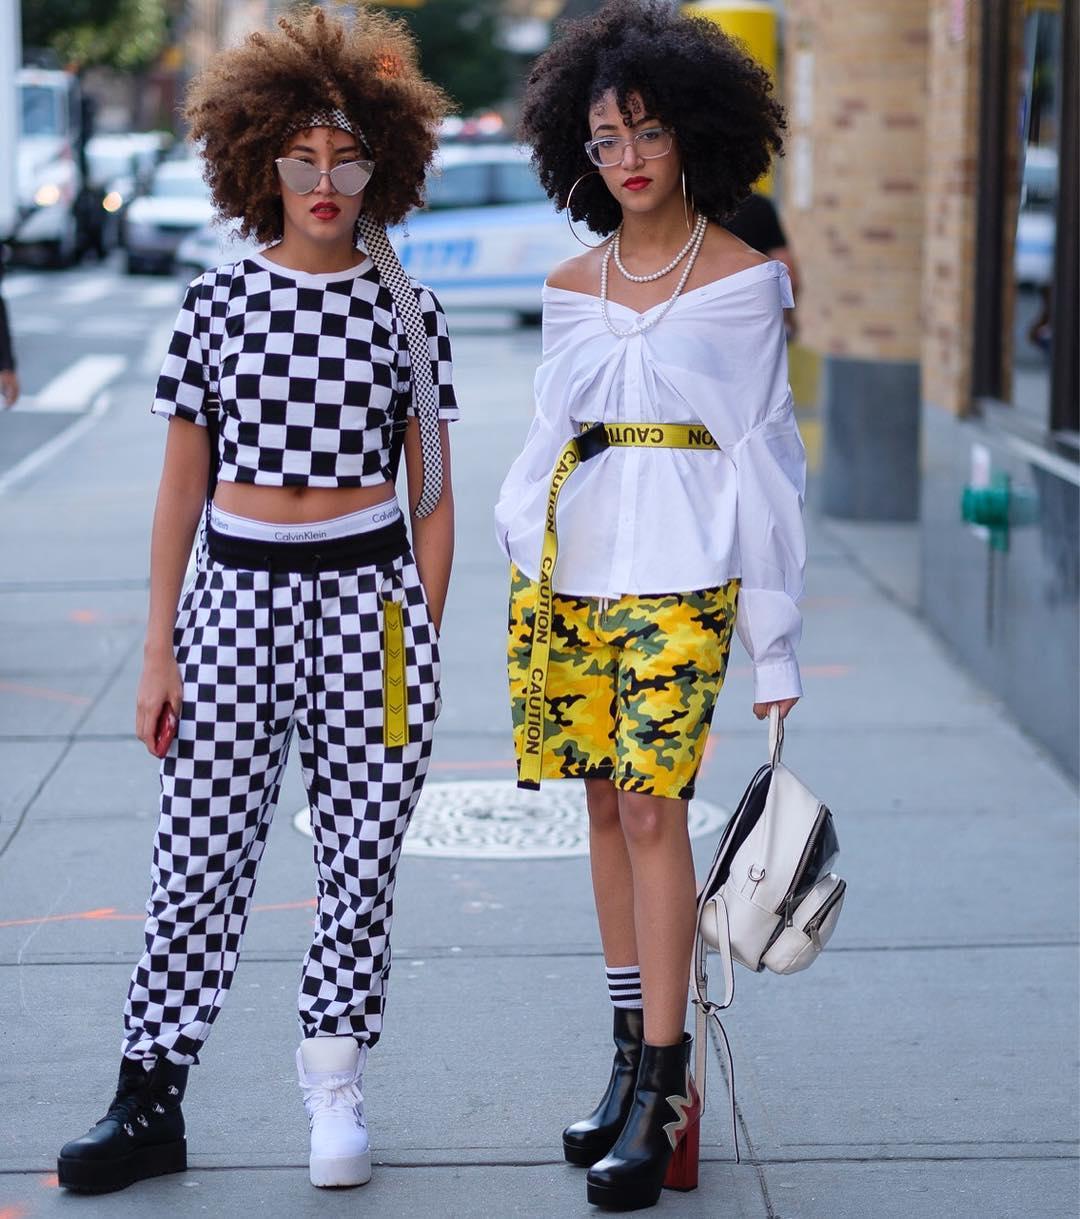 Phong cách thời trang trẻ của chị em sinh đôi 9